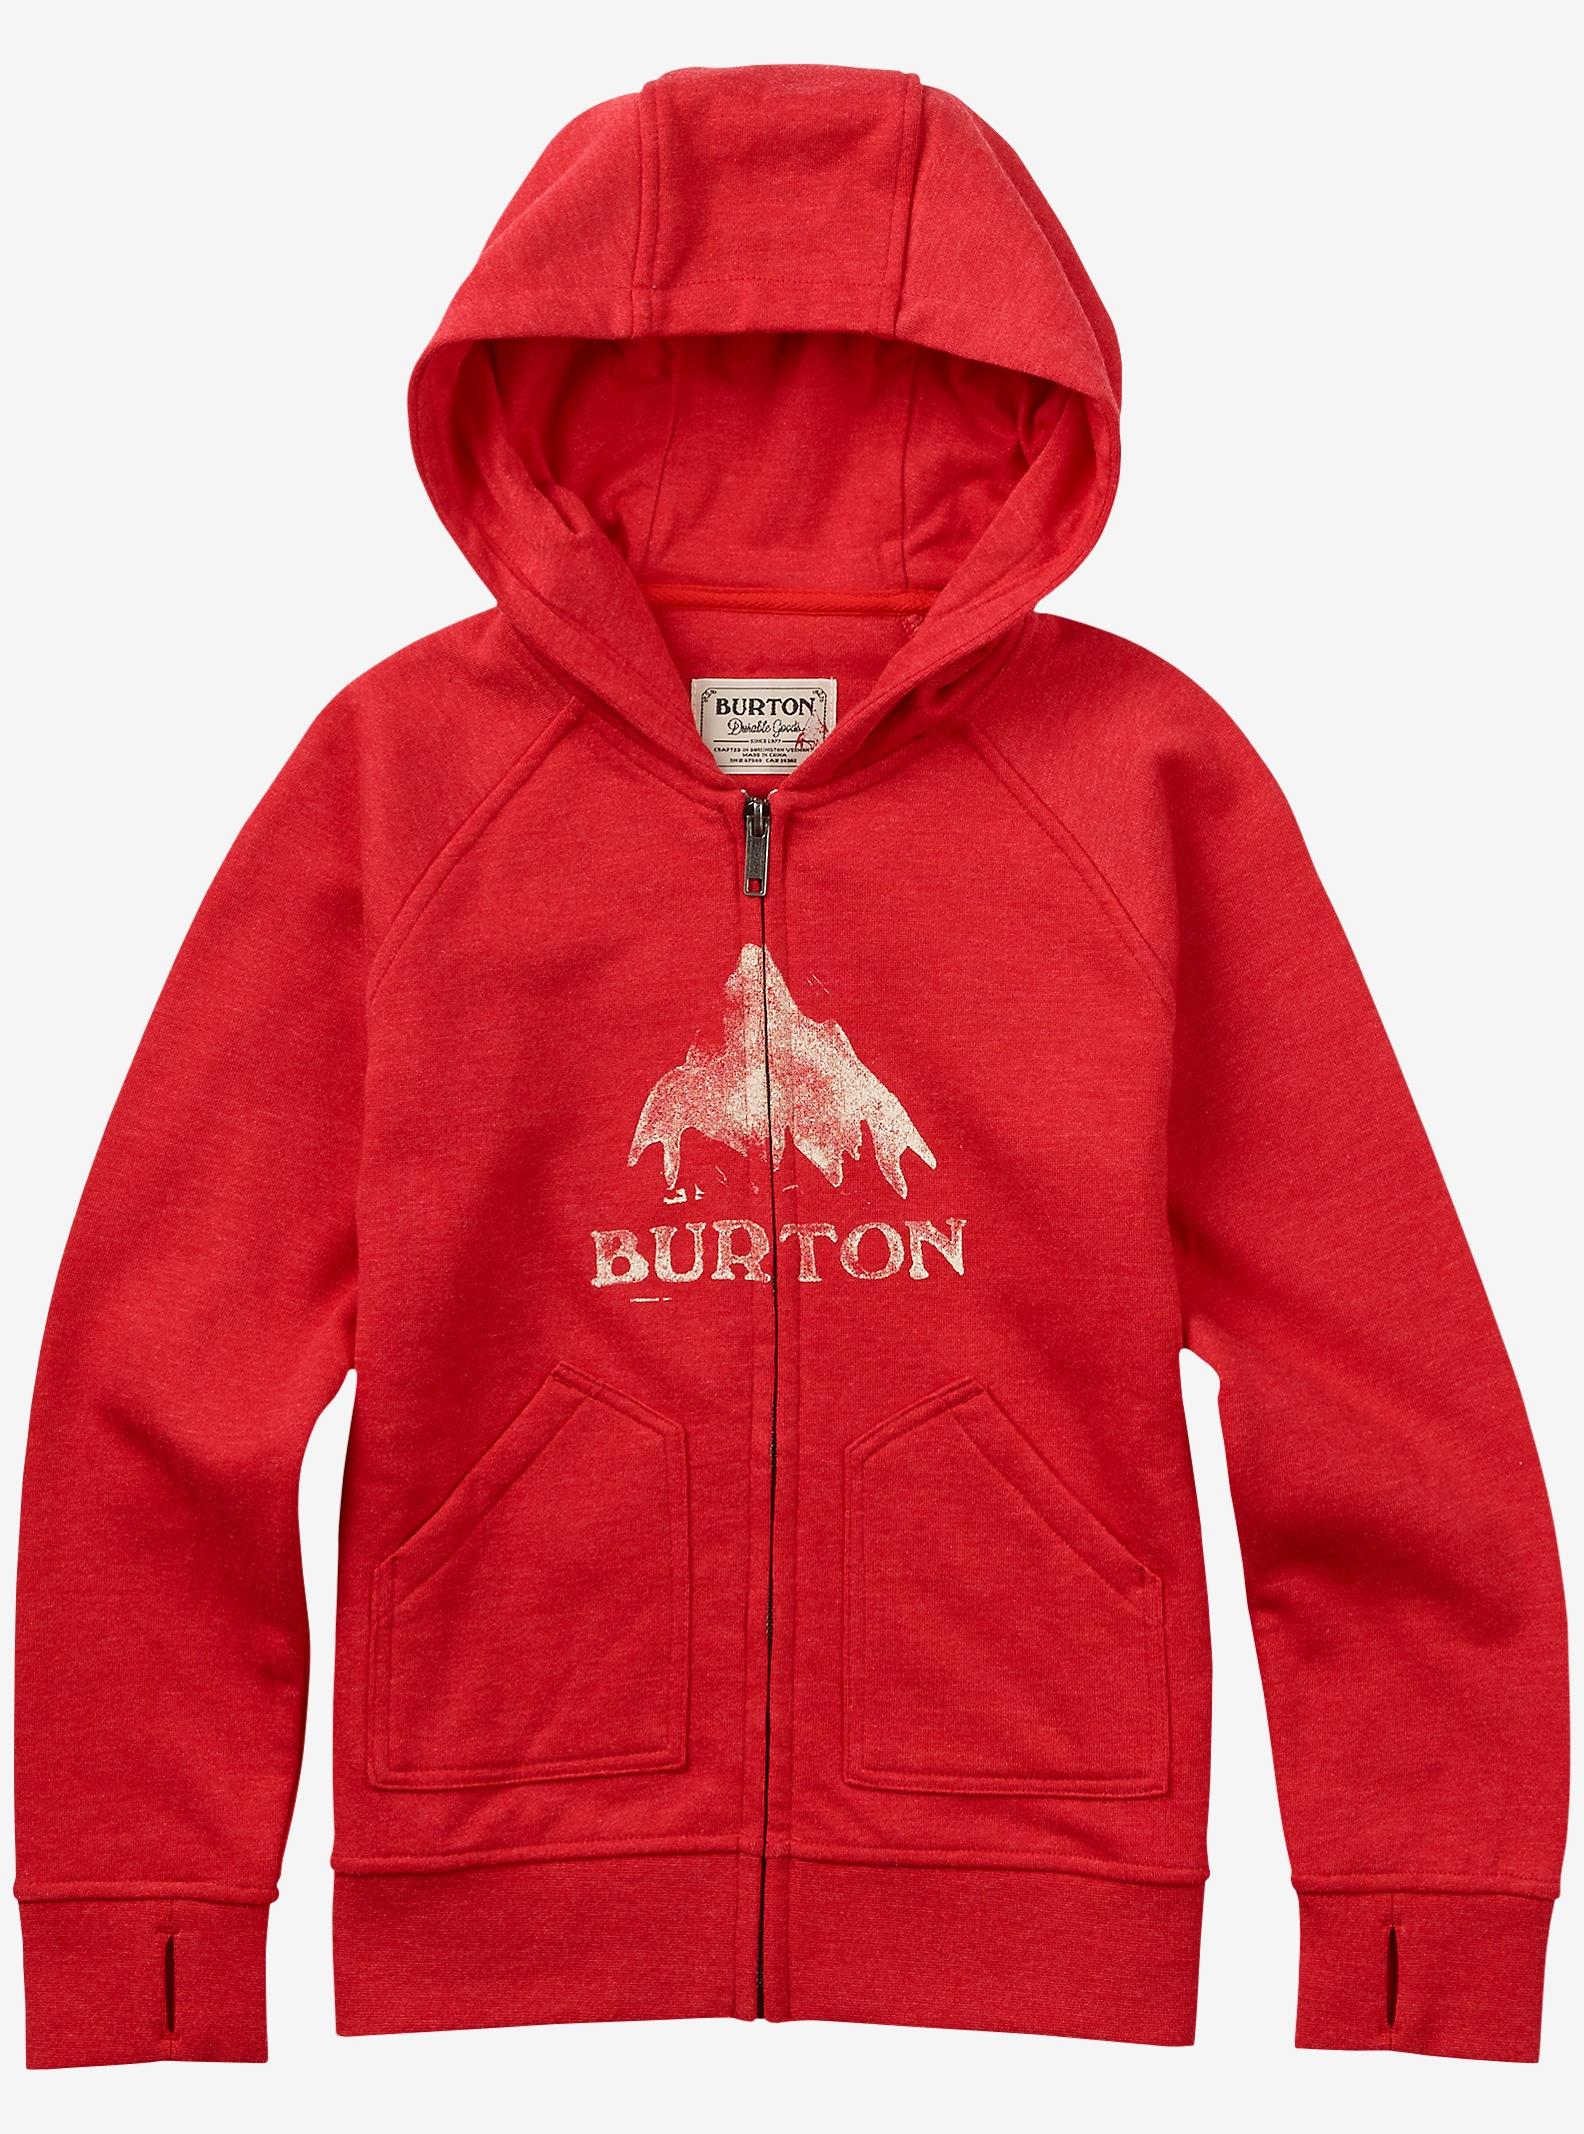 Burton Stamped MTN Full-Zip Hoodie shown in Coral